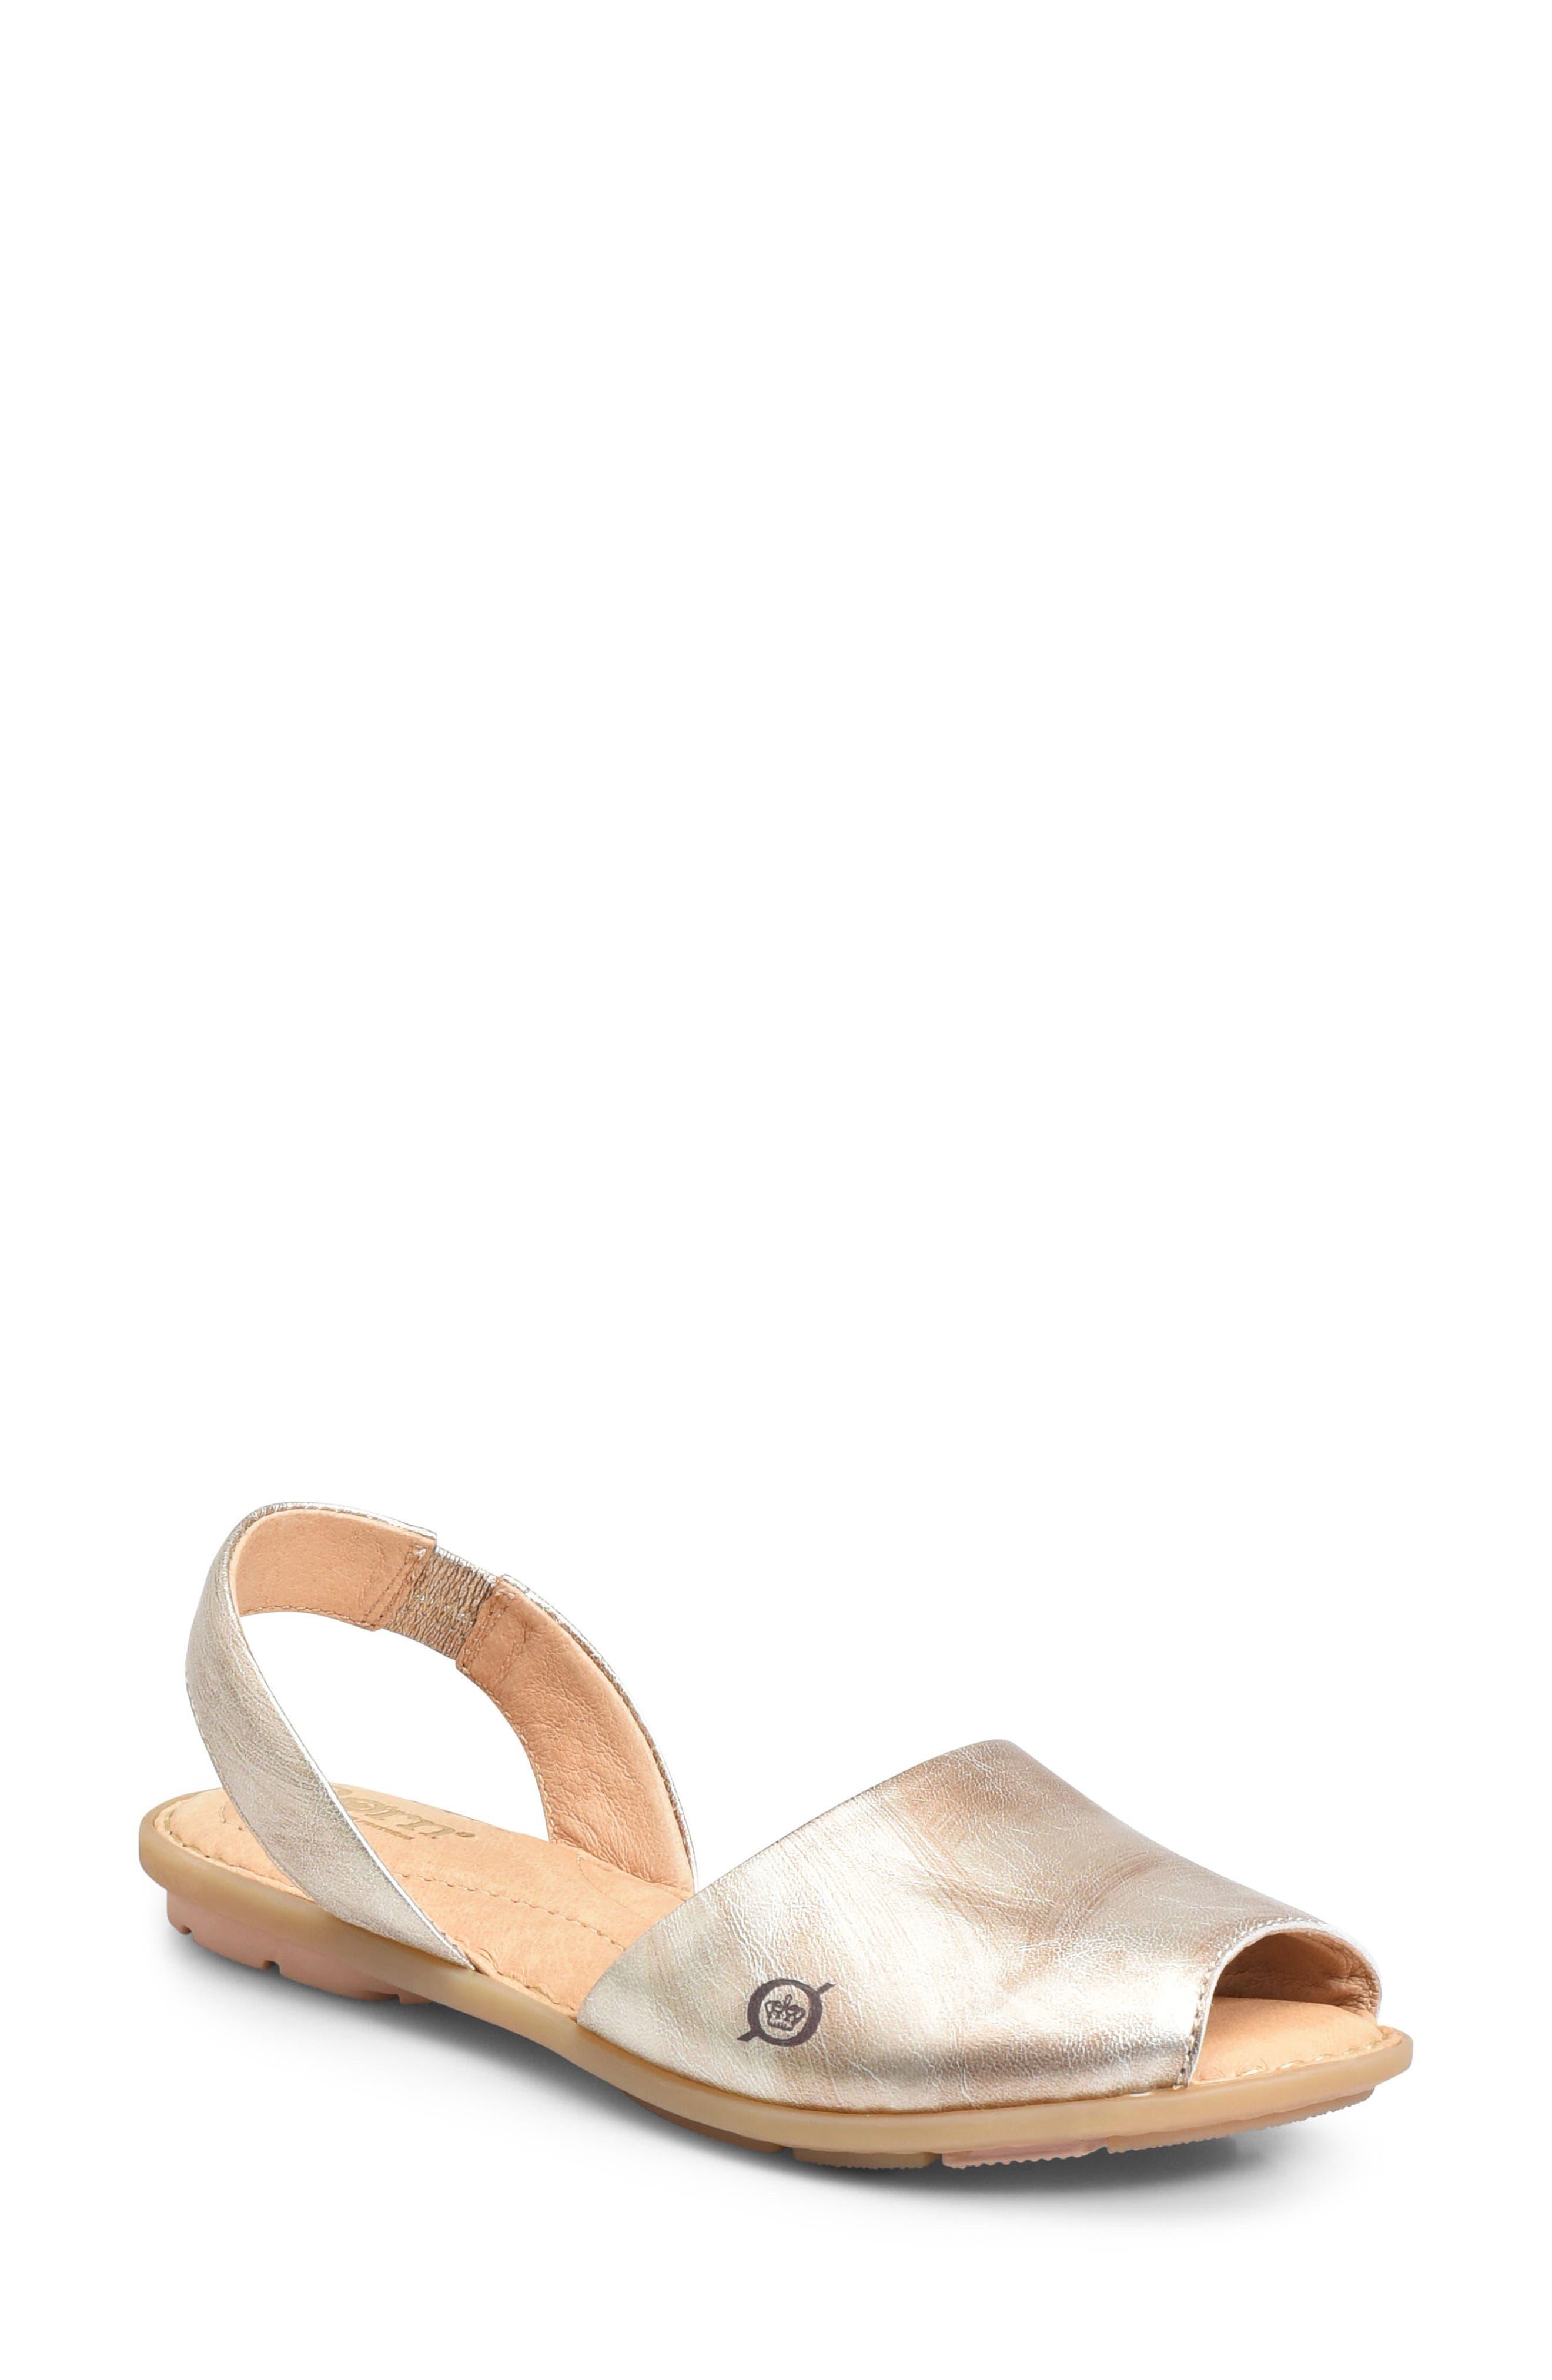 B?rn Trang Sandal, Metallic